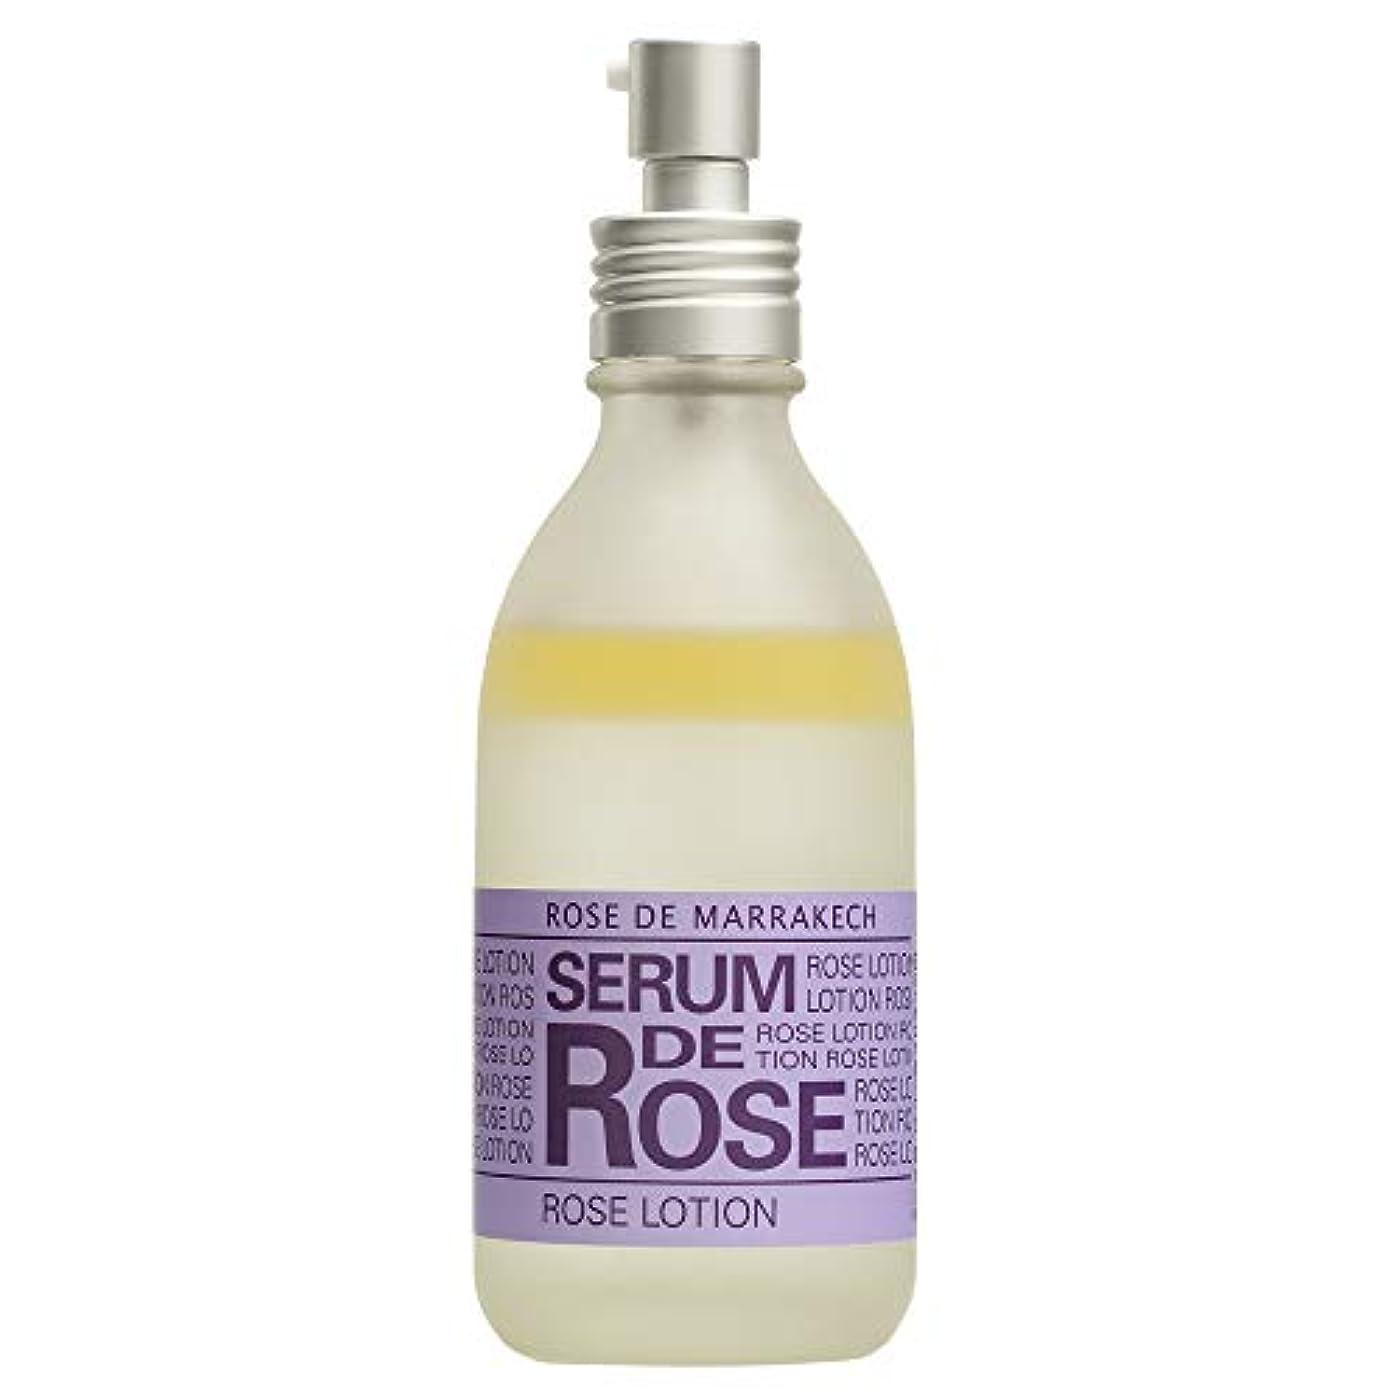 一次パイント尊敬するローズ ド マラケシュ セラム ド ローズ120ml(オールインワン化粧水)